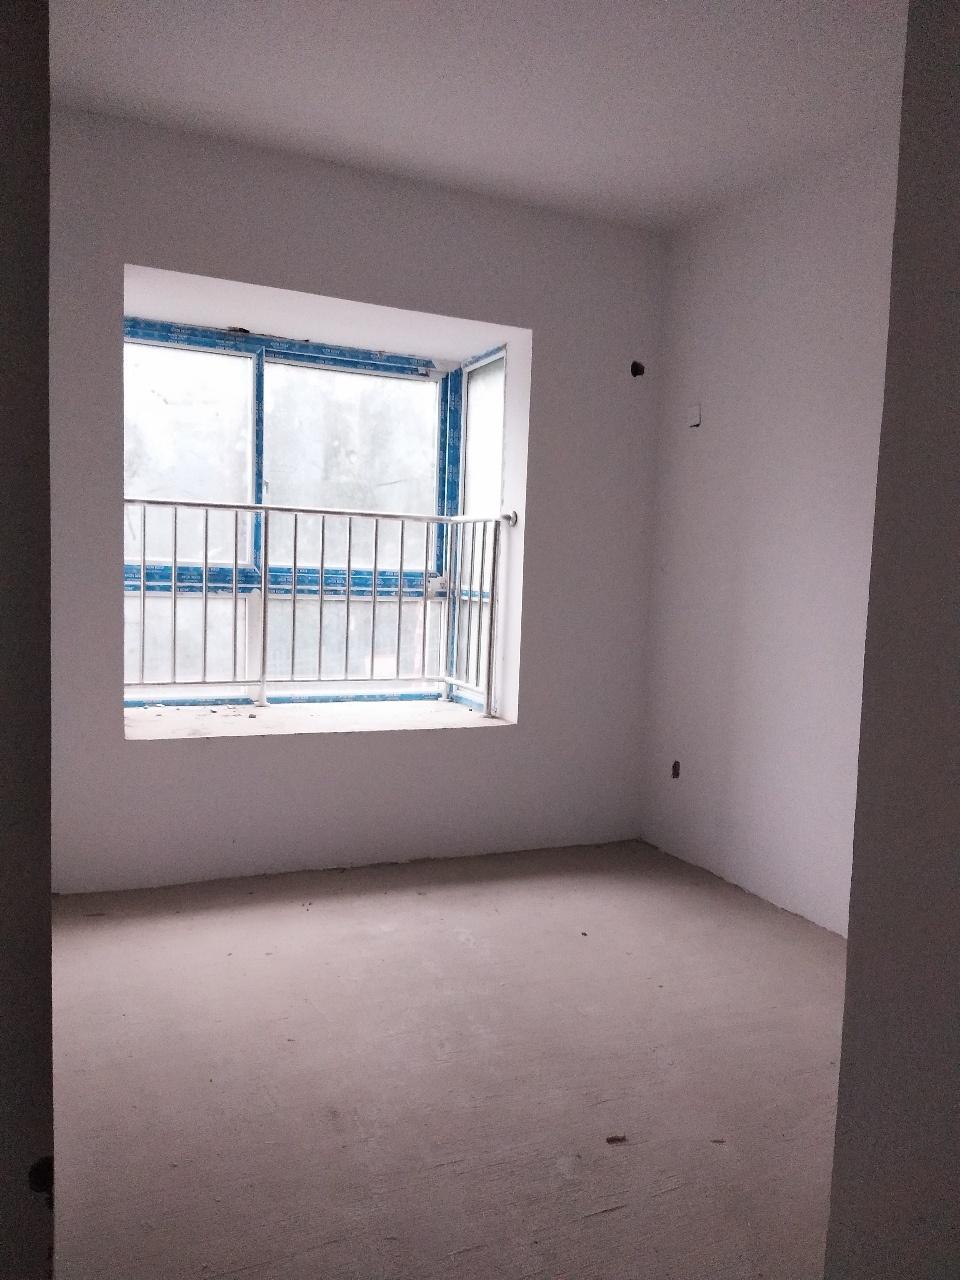 鸿泰新居五仙路3室2厅1卫48万元